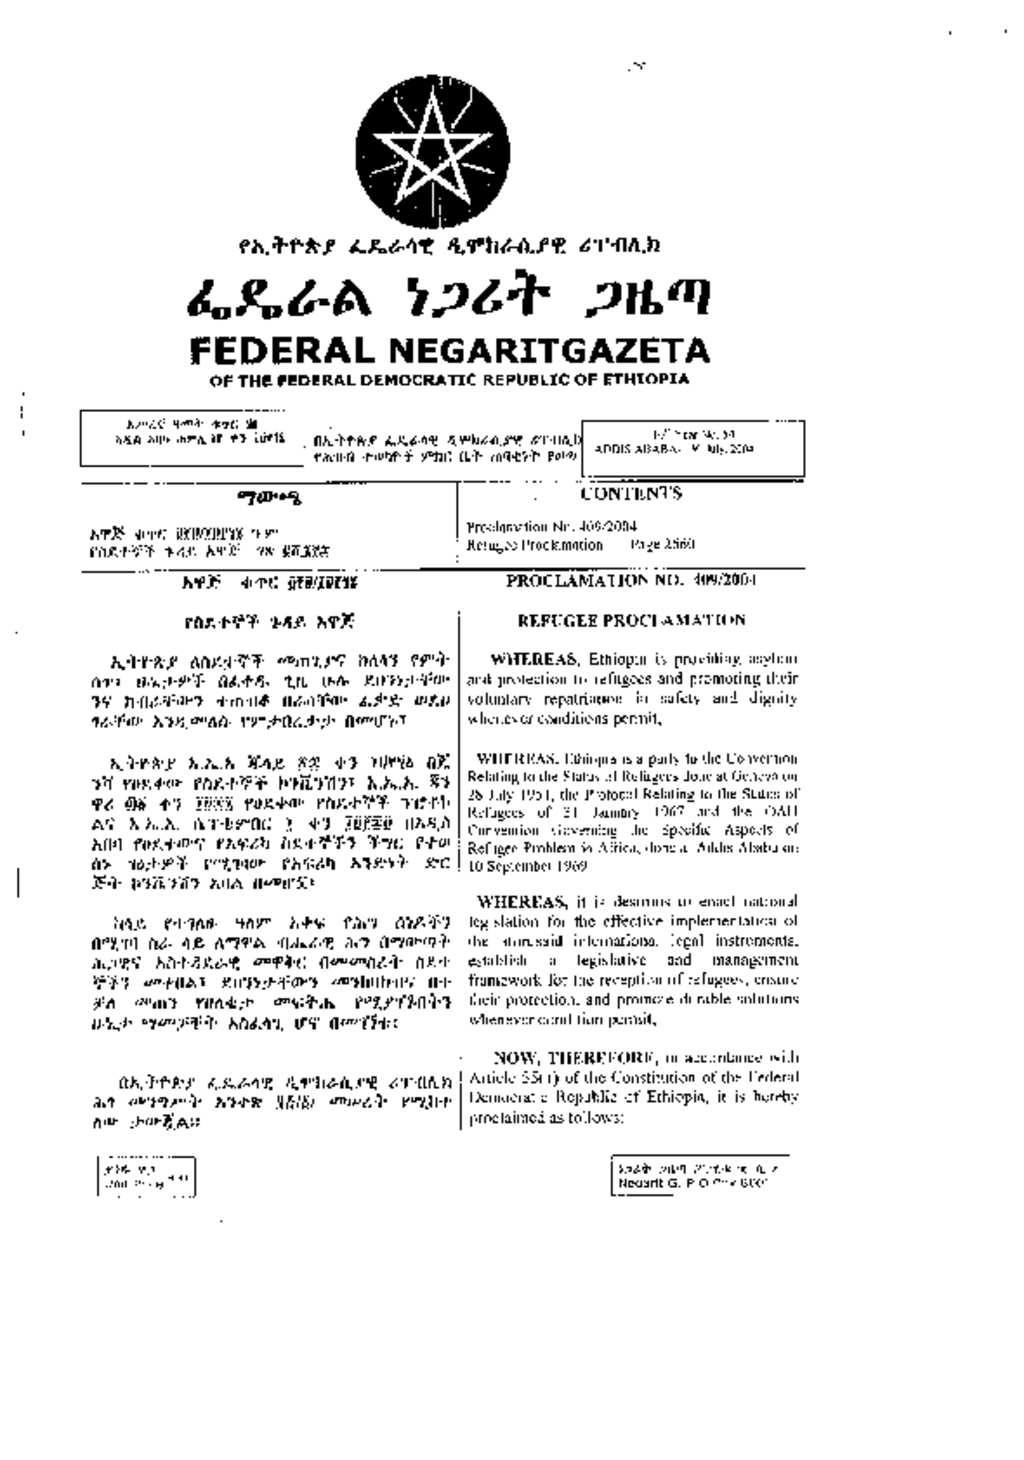 Document - Ethiopia Refugee Proclamation